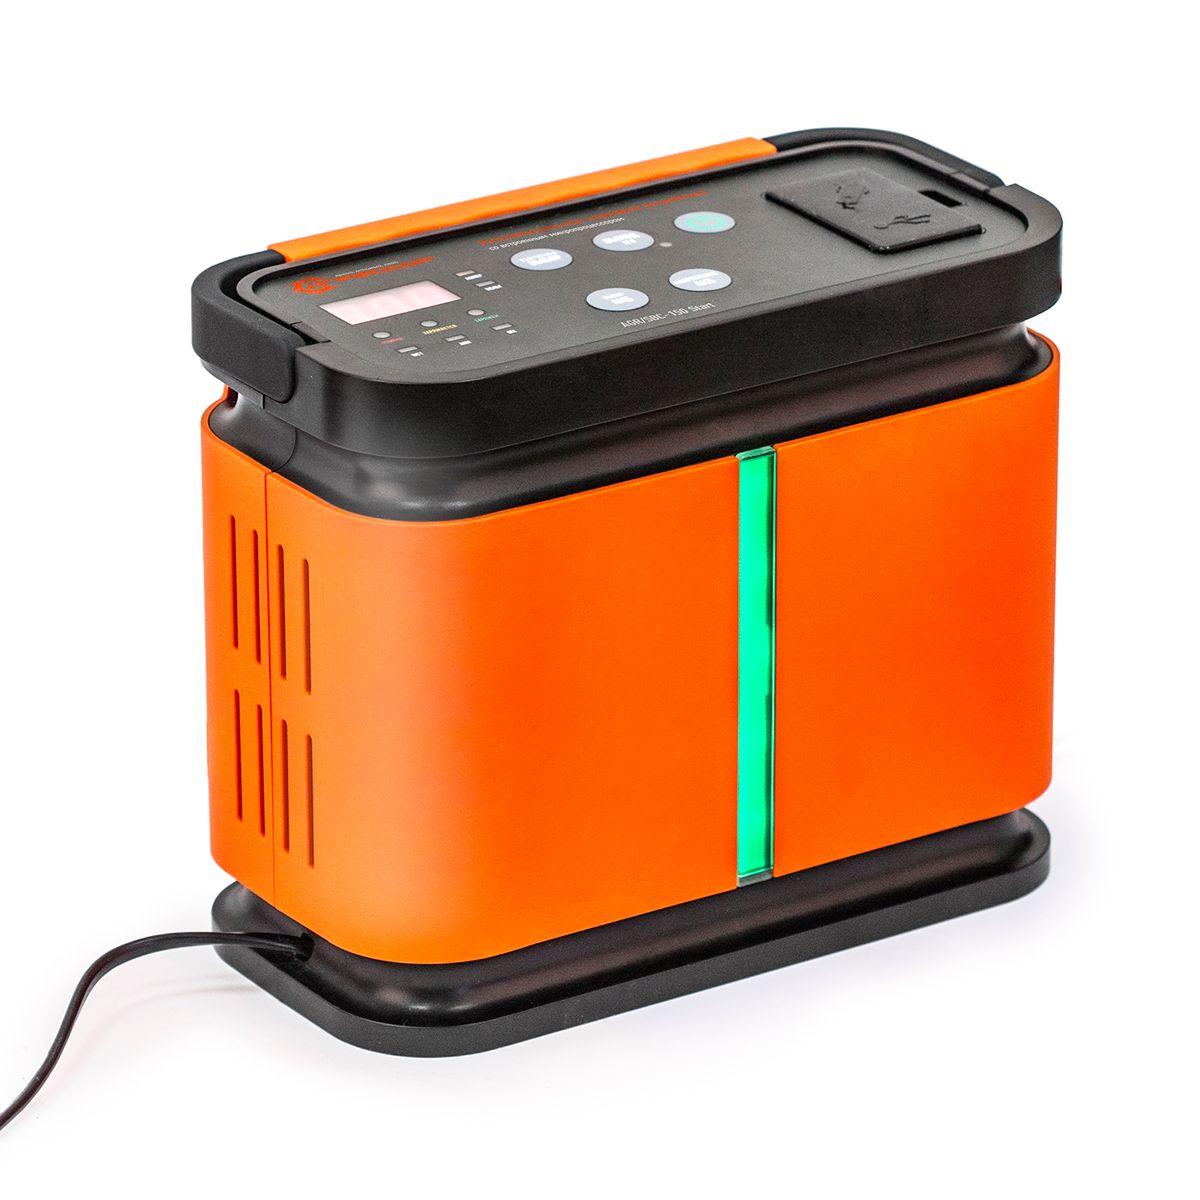 Устройство зарядное цифровое Autoprofi Агрессор AGR/SBC-150, 9 фаз зарядки, ток 2/6/10/15 АAGR/SBC-150Зарядное устройство Autoprofi Агрессор AGR/SBC-150 компактно и эргономично: все провода помещаются в специальных нишах, ручка складывается, размеры позволяют без труда разместить его в автомобиле или гараже. Устройство подходит для зарядки всех типов свинцово-кислотных батарей напряжением 12В. Кроме того, оно заряжает электронные устройства (смартфоны, телефоны, фотоаппараты, плееры и пр.) через встроенные USB-порт или сеть 12В.Устройство имеет усовершенствованную 9-ступенчатую систему зарядки и встроенный микропроцессор. Это, соответственно, сокращает время зарядки, обеспечивает безопасность и защиту от ошибок. Функция 5-минутной зарядки позволяет устройству быстро передать на батарею заряд, необходимый для запуска двигателя.Есть возможность выбрать оптимальную силу тока, установив один из четырех режимов: 2/6/10/15 А. Для оптимальной зарядки аккумуляторной батареи, в устройстве предусмотрена возможность установить тип АКБ: WET (жидкостный электролит), AGM (абсорбированный электролит), GEL (гелевый электролит).